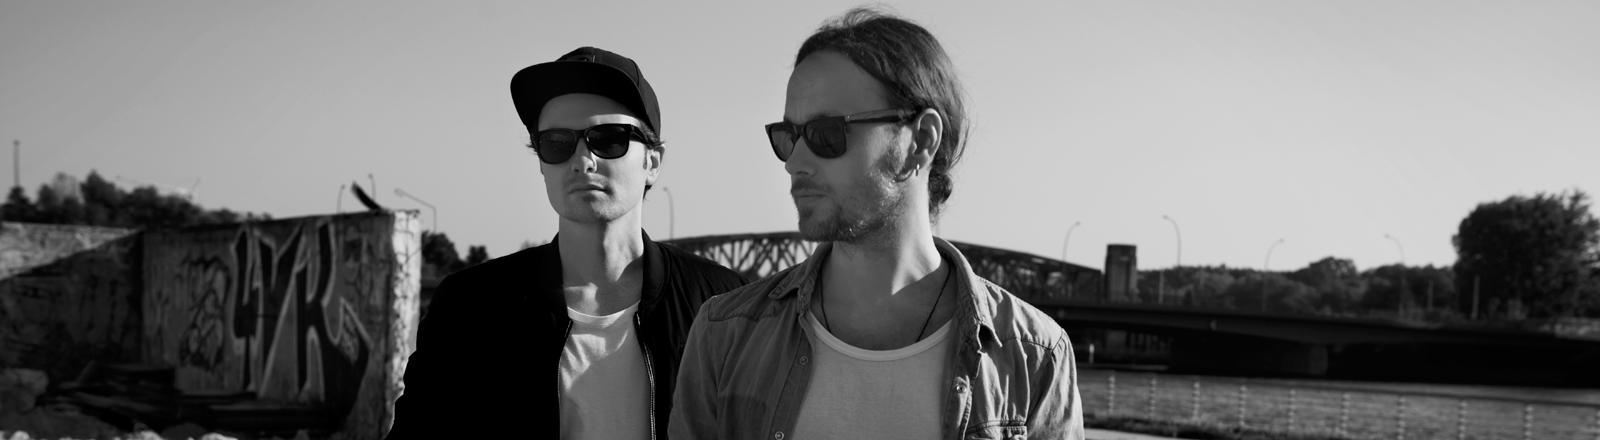 Das Singer-Songwriter-Duo Jonah aus Berlin mit Angelo Mammone und Christian Steenken